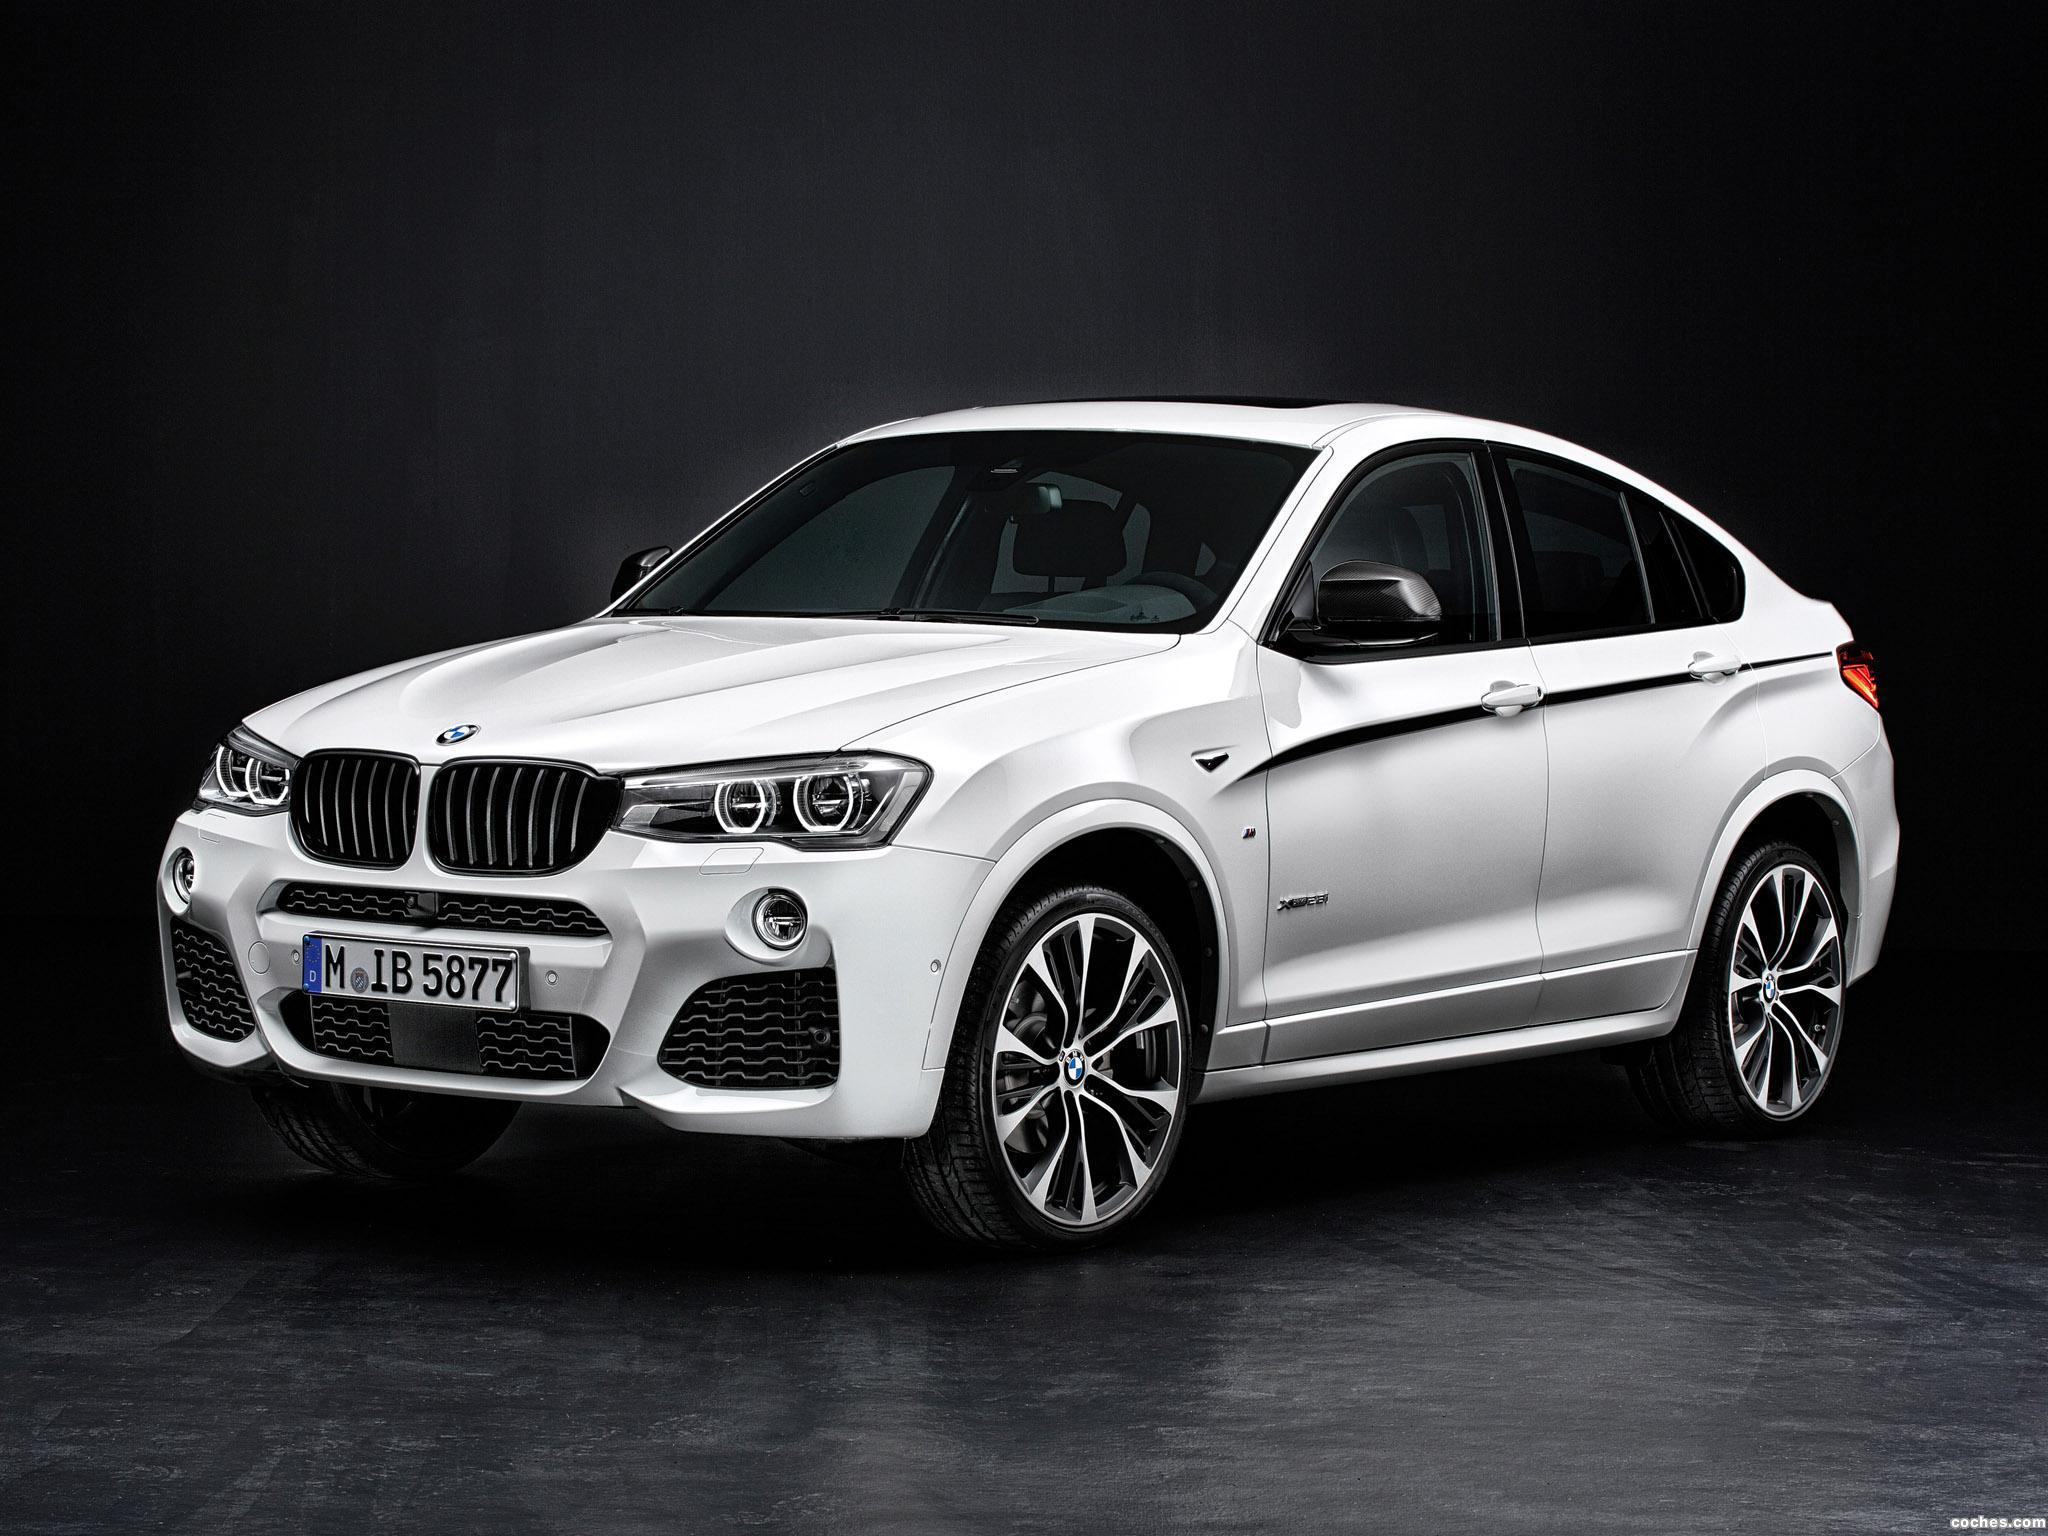 Foto 4 de BMW X4 xDrive28i M Performance Accessories F26 2014